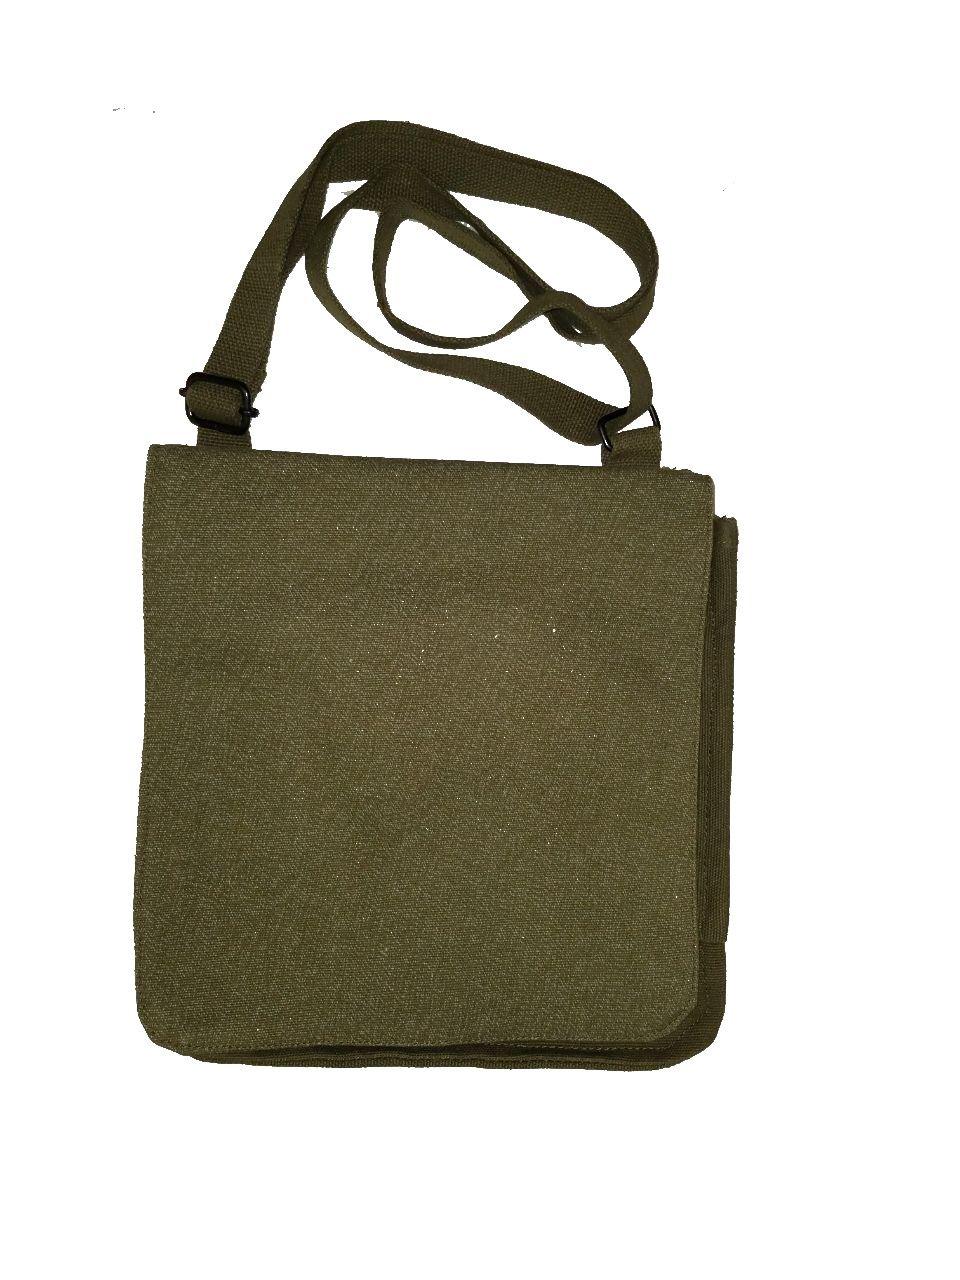 Bag, Canvas Messenger, Imported, Salt & Pepper OD